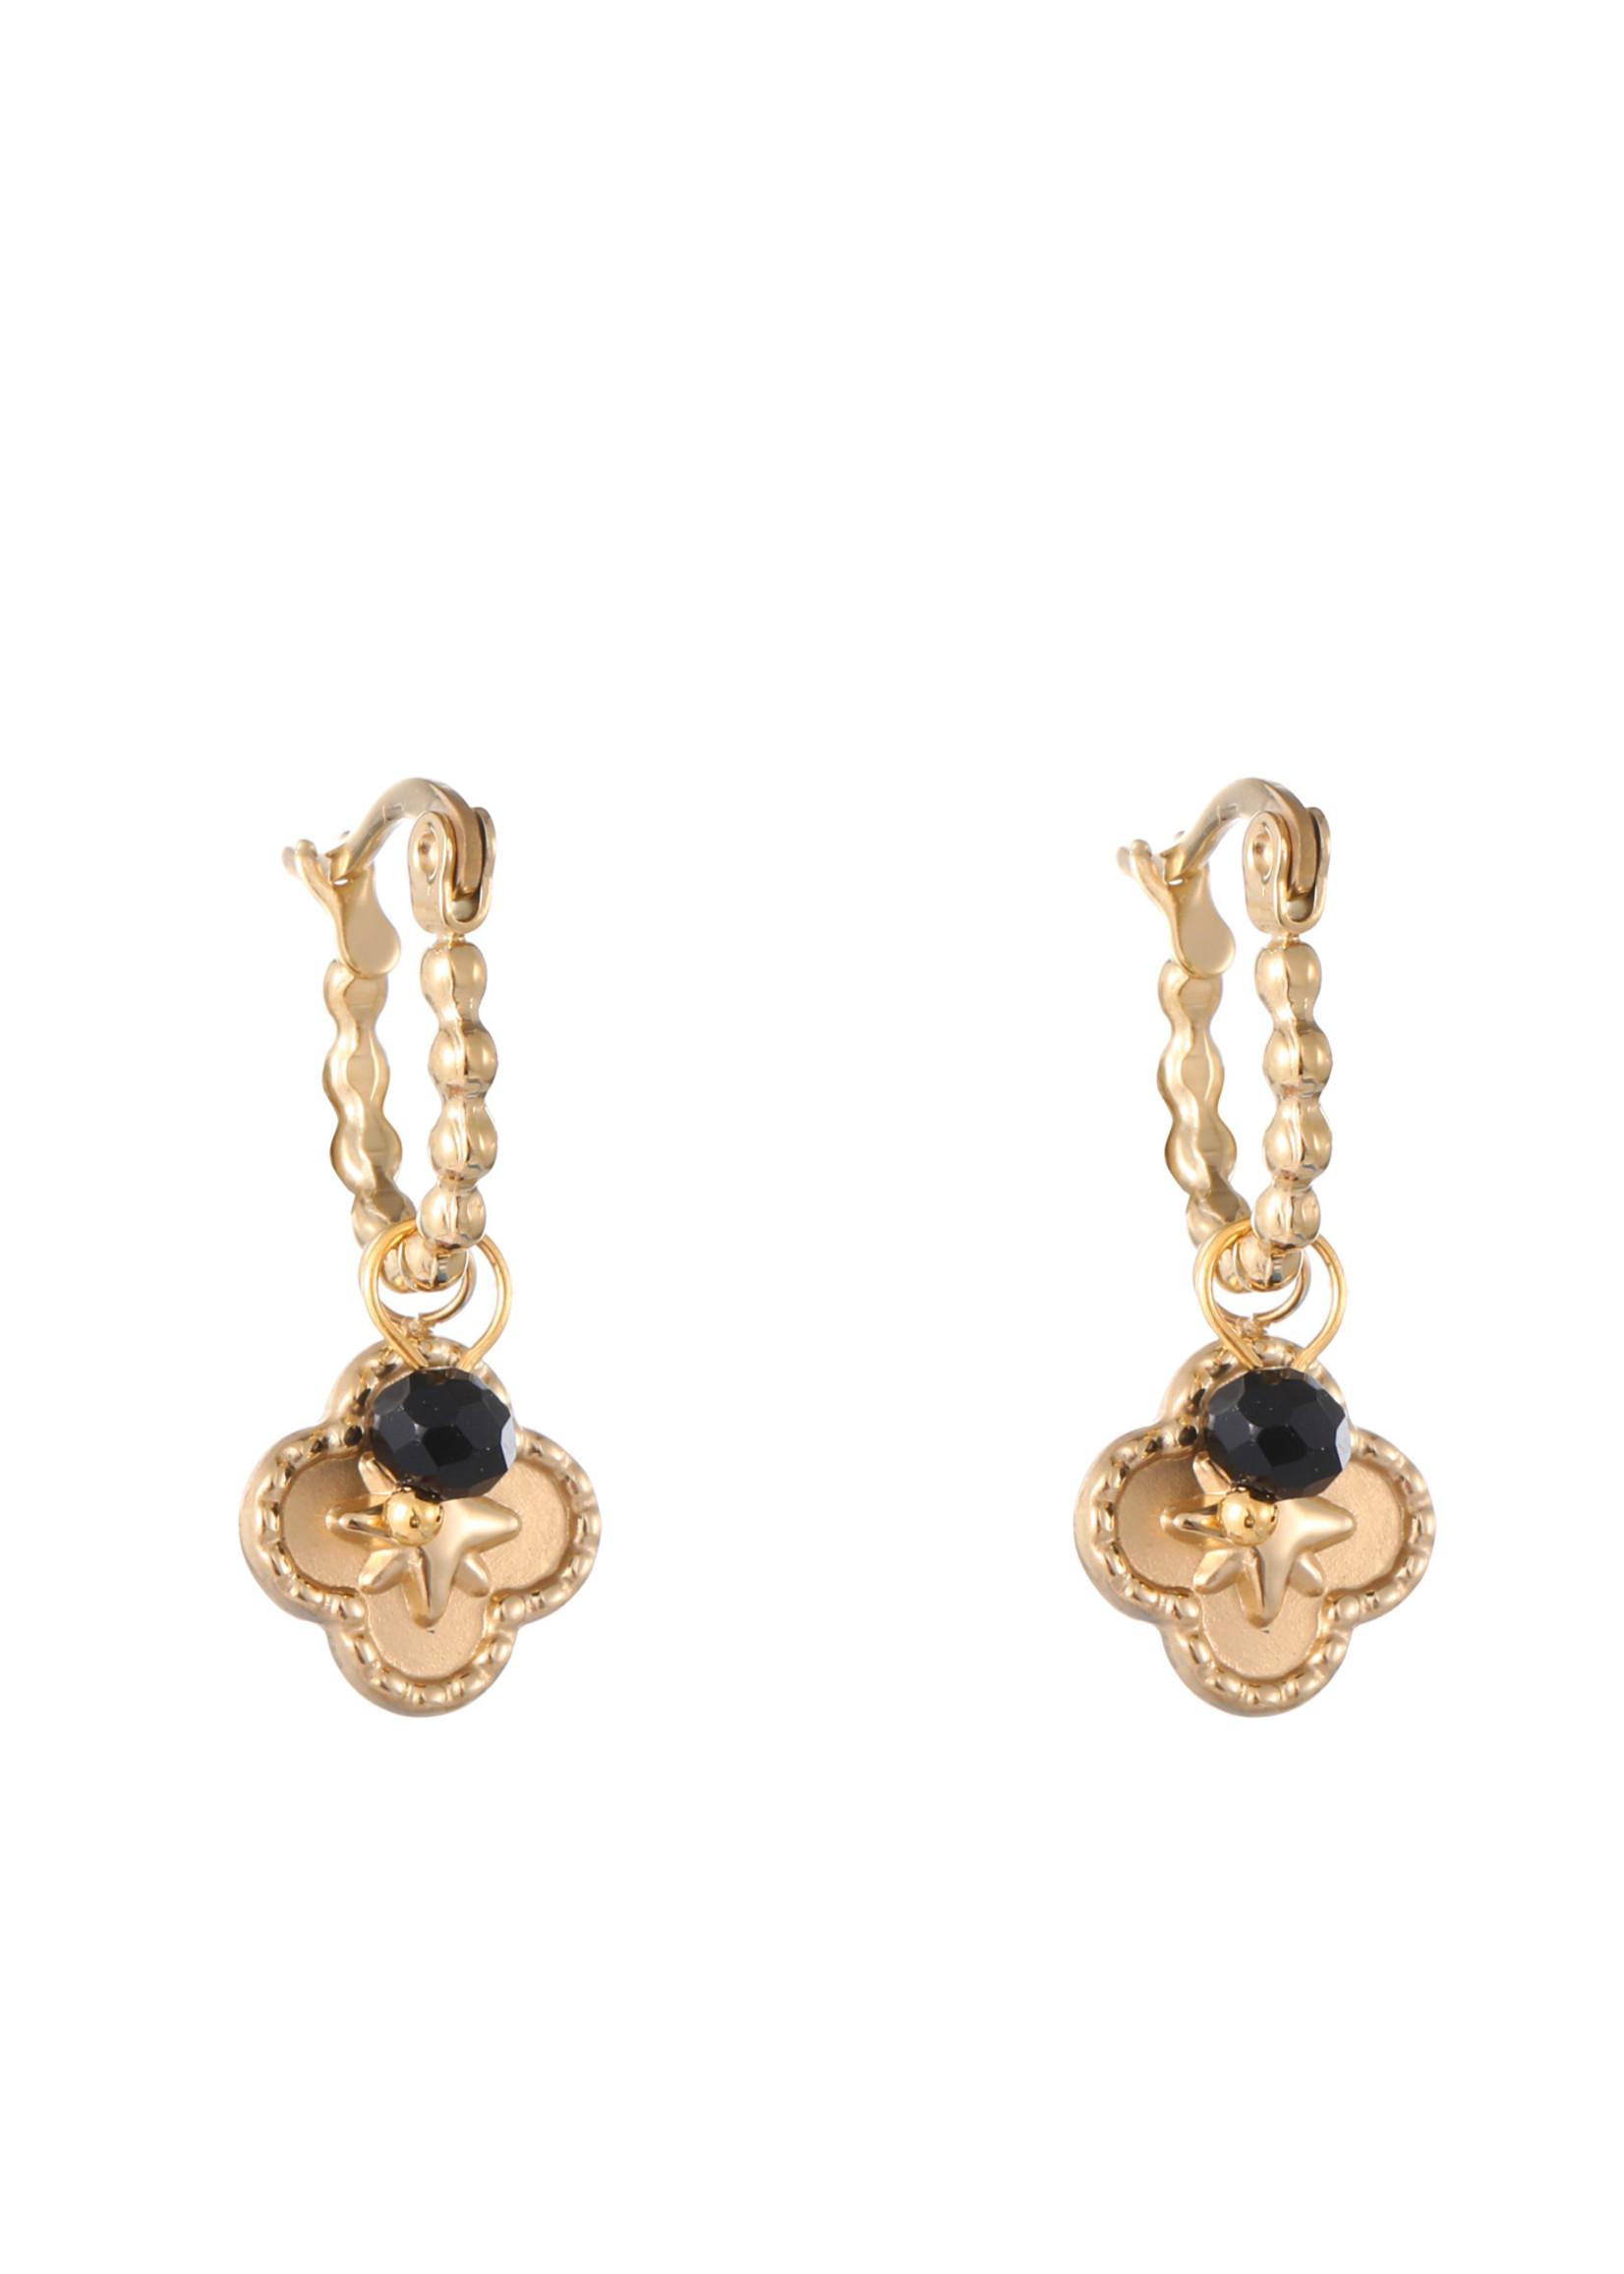 Oorbel goud met hanger en zwart steentje E1741-3